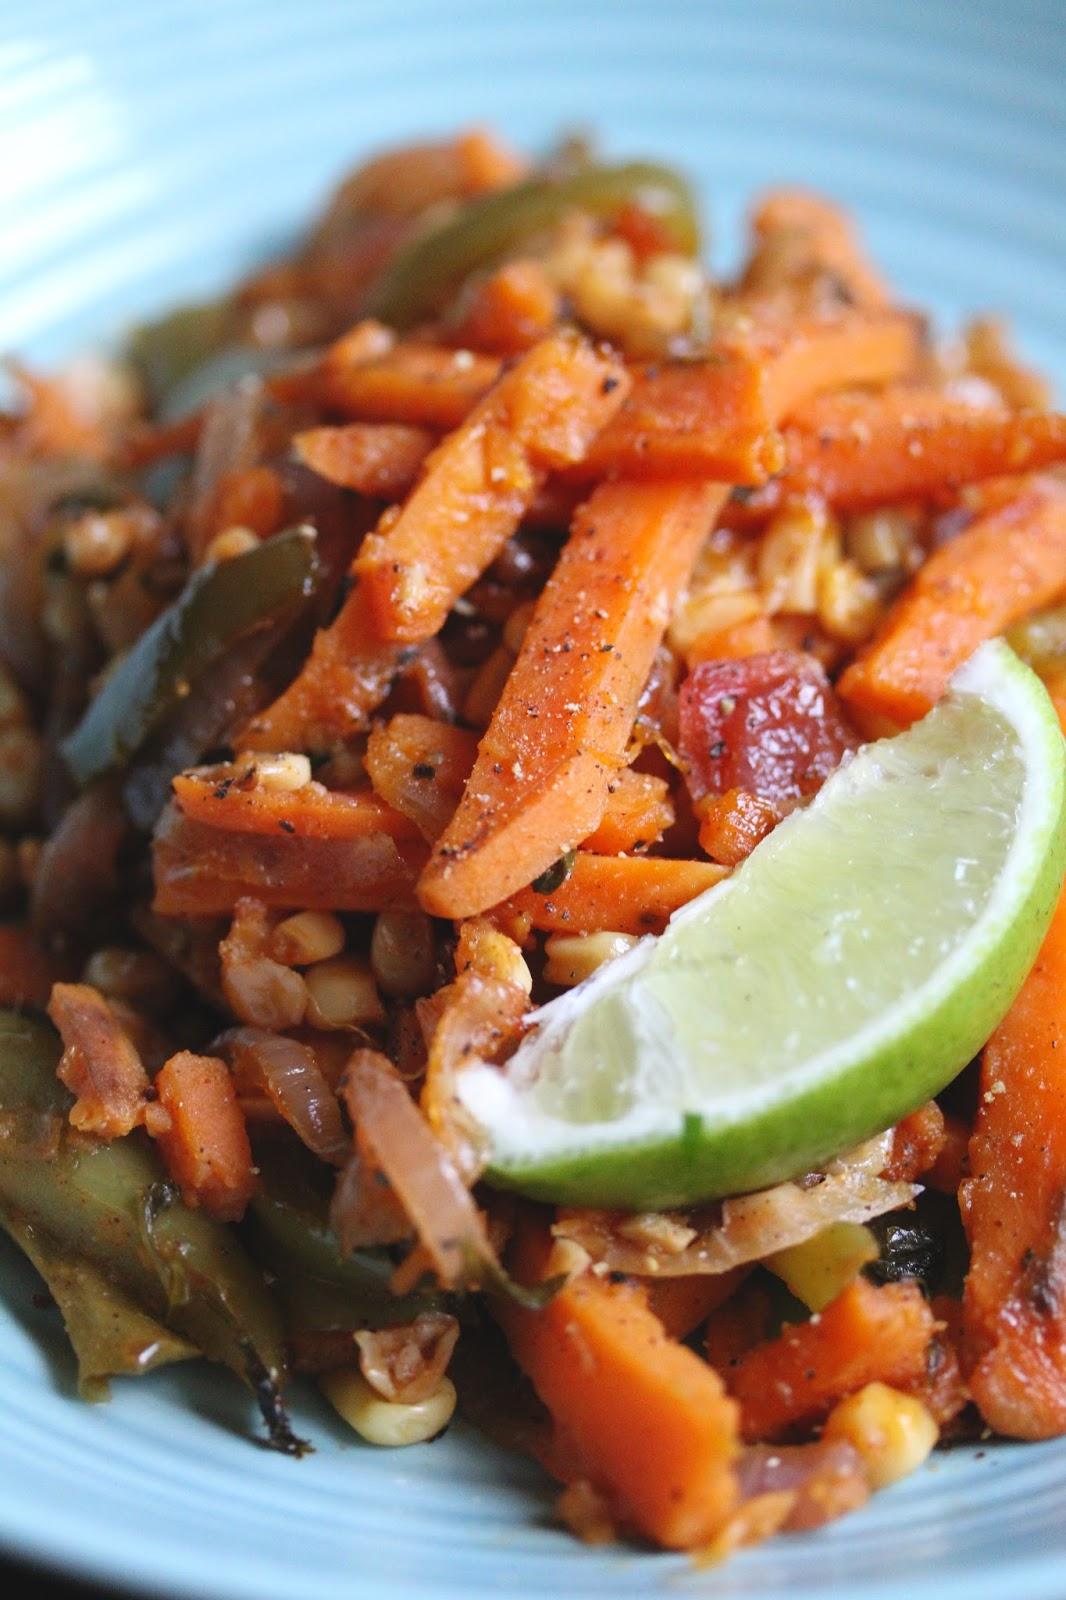 Smith 39 s vegan kitchen southwestern sweet potato noodles for Kitchen ideas w2 5sh